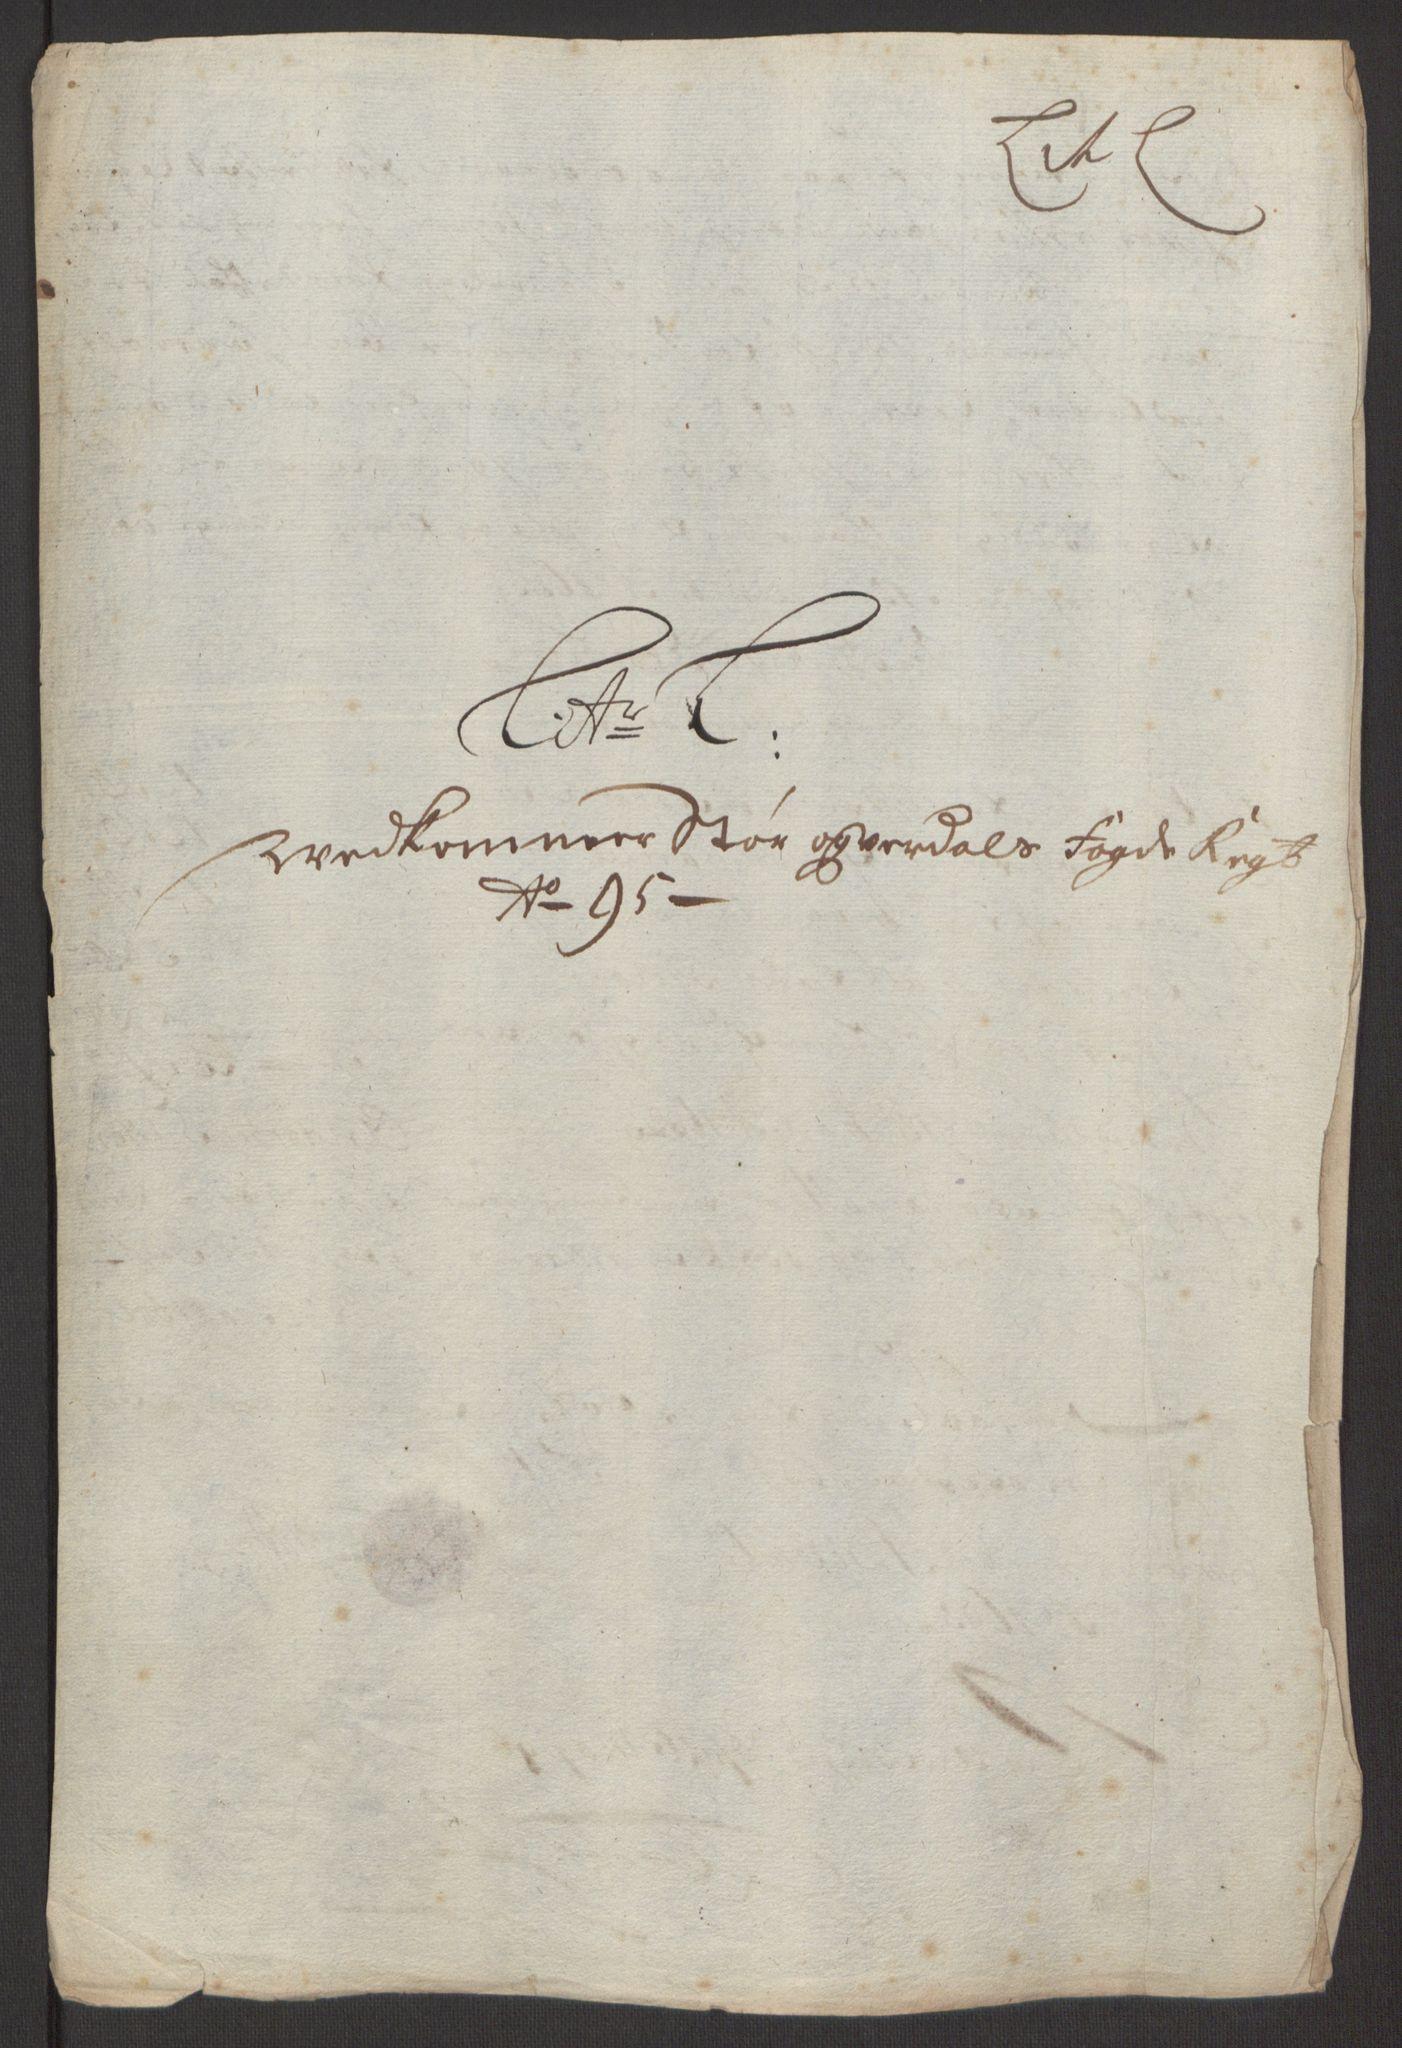 RA, Rentekammeret inntil 1814, Reviderte regnskaper, Fogderegnskap, R62/L4187: Fogderegnskap Stjørdal og Verdal, 1695, s. 137